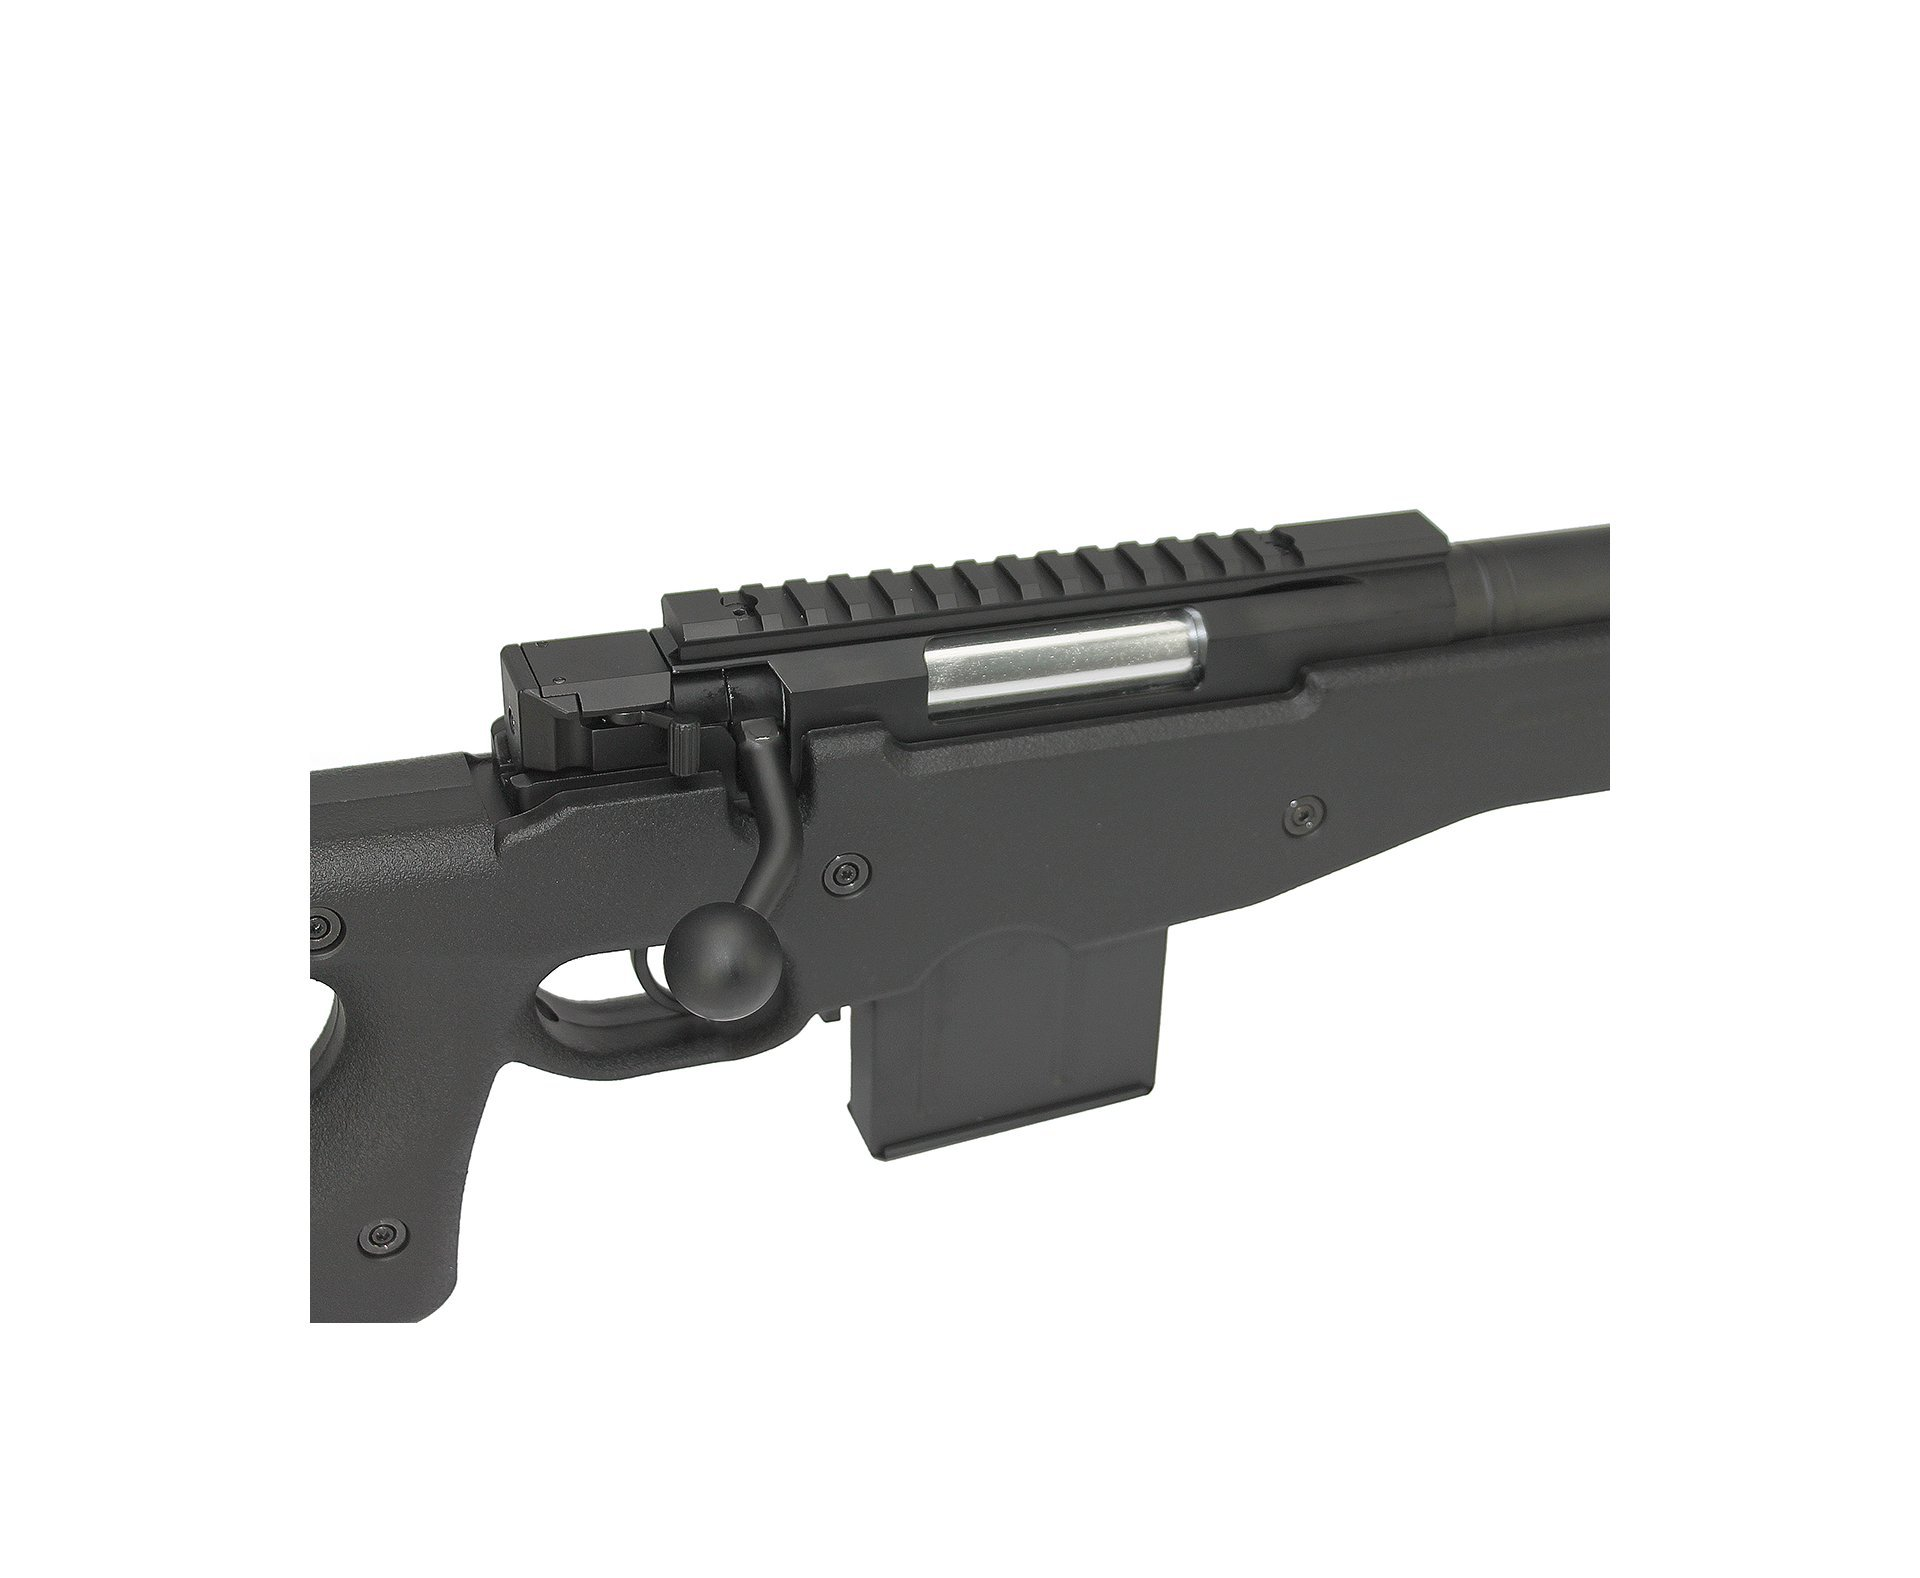 Rifle De Airsoft Sniper L96 Cyma 6mm Cm.703bk